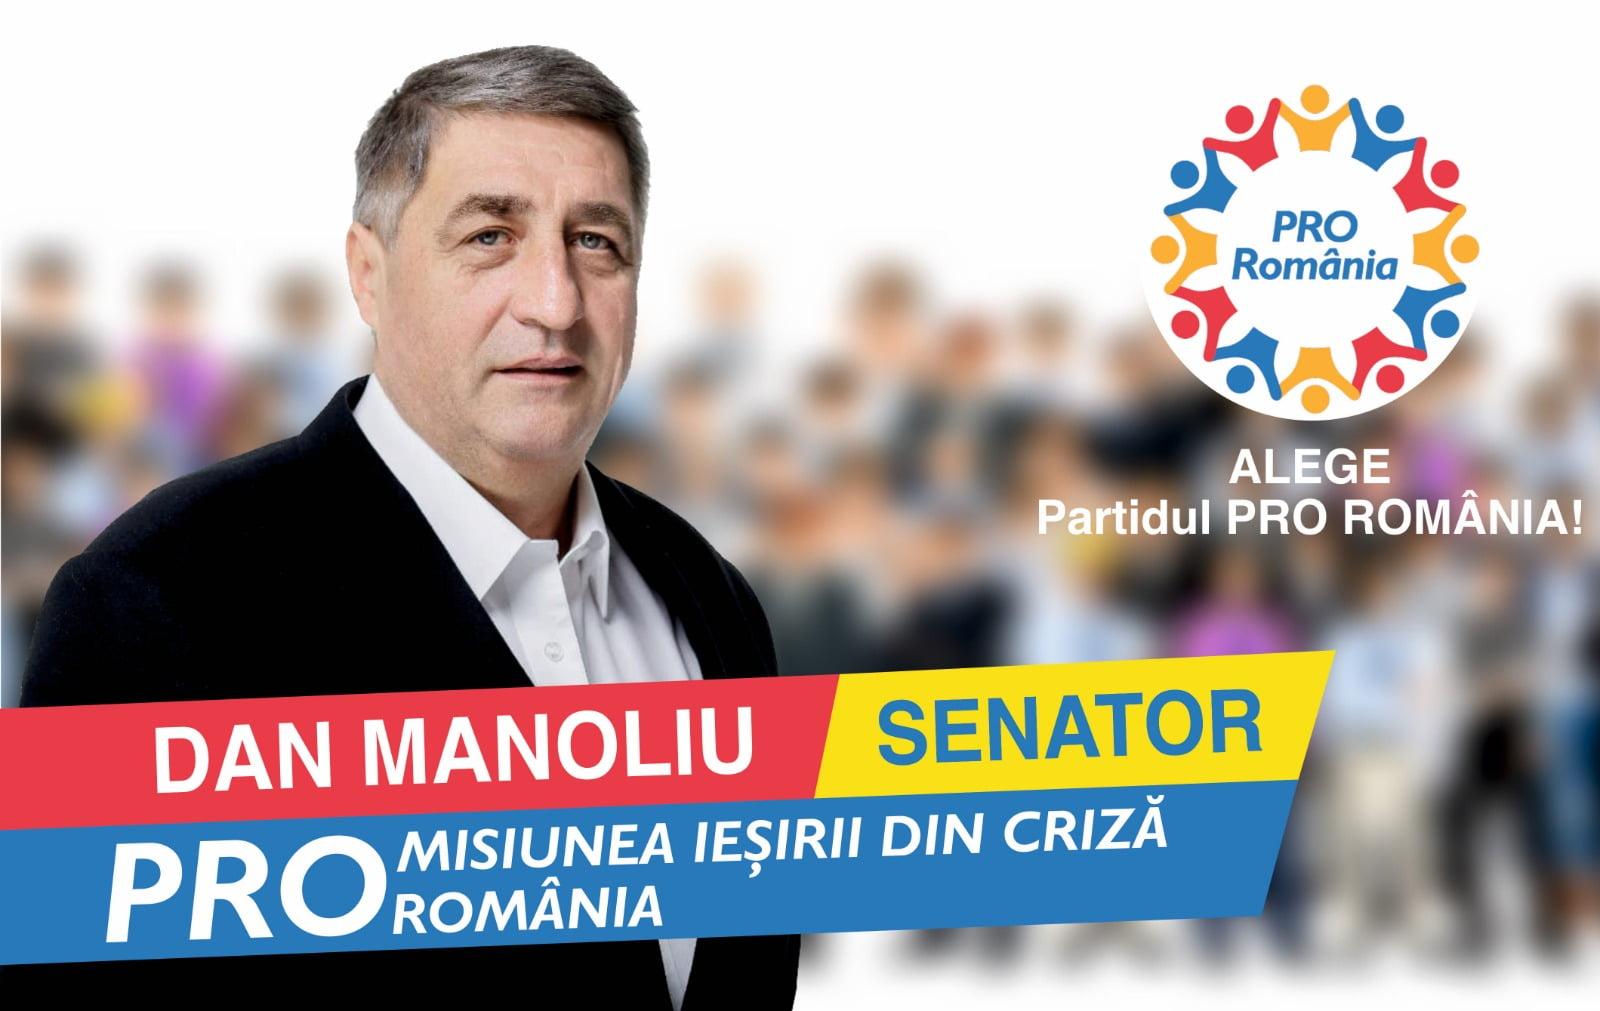 """Senatorul Dan Manoliu: """"Putem preveni alte tragedii"""""""